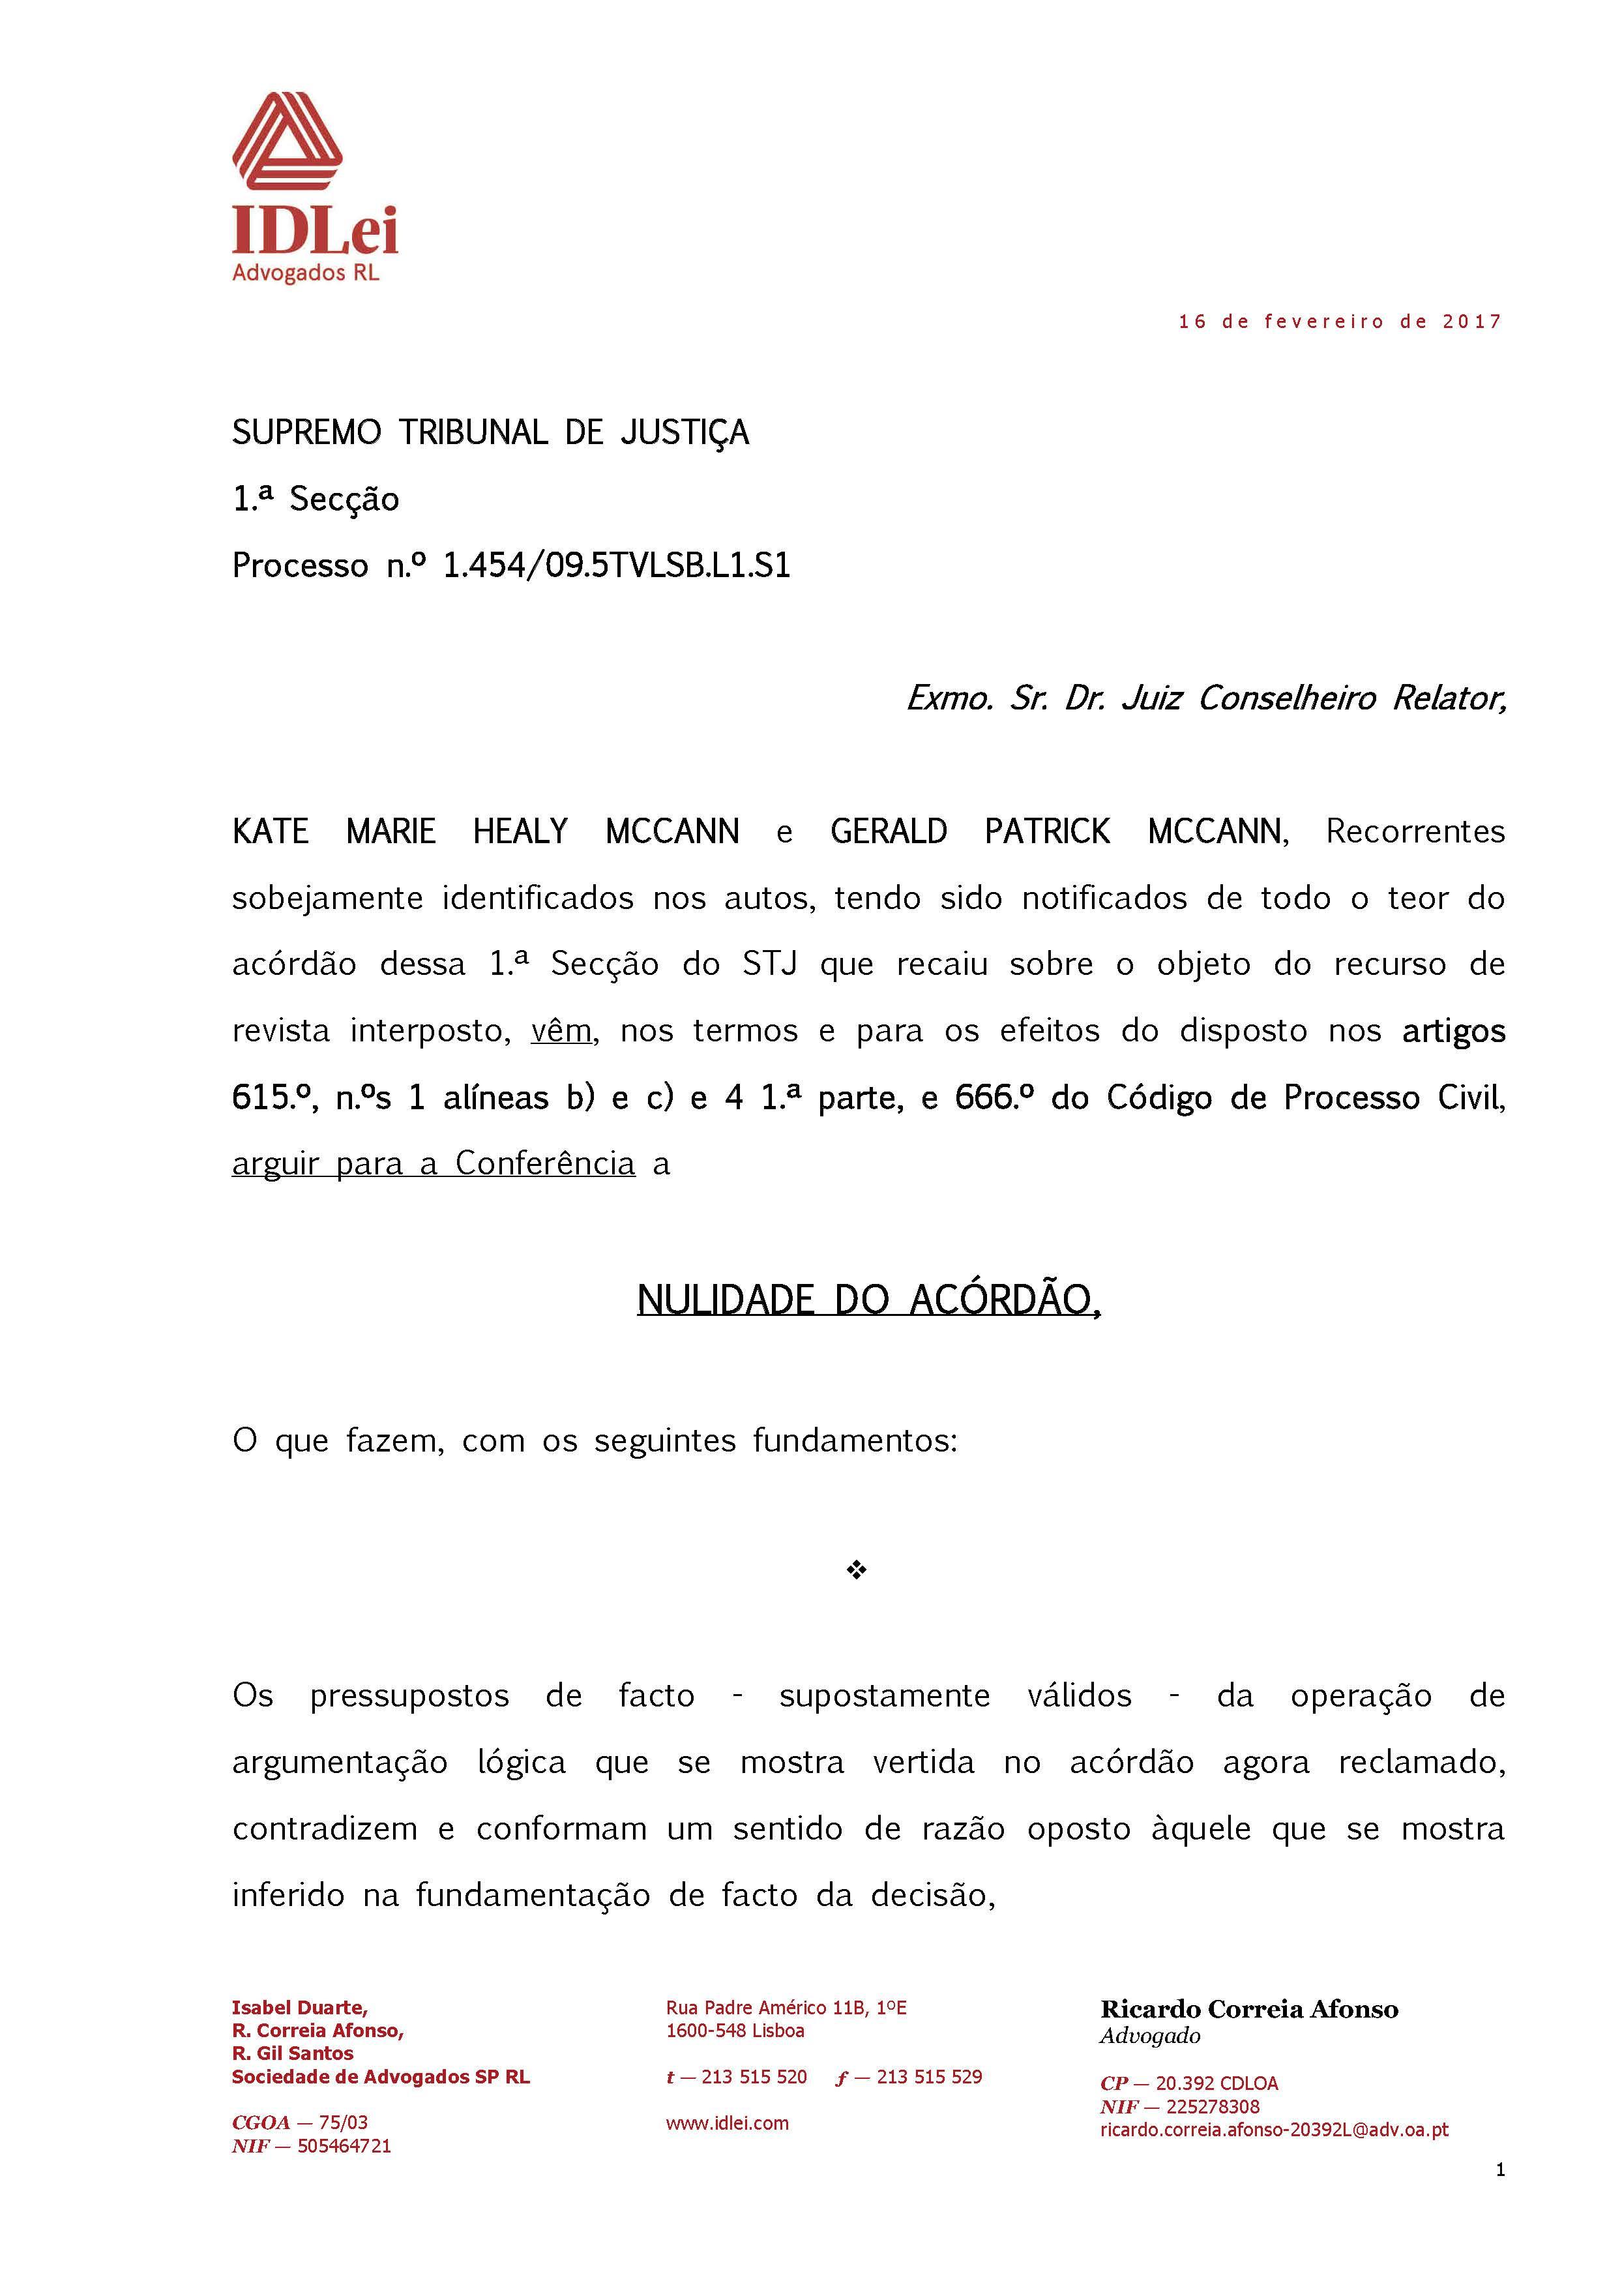 http://www.gerrymccannsblogs.co.uk/A/Arguicao_de%20Nulidade_do_Acordao_Page_1.jpg